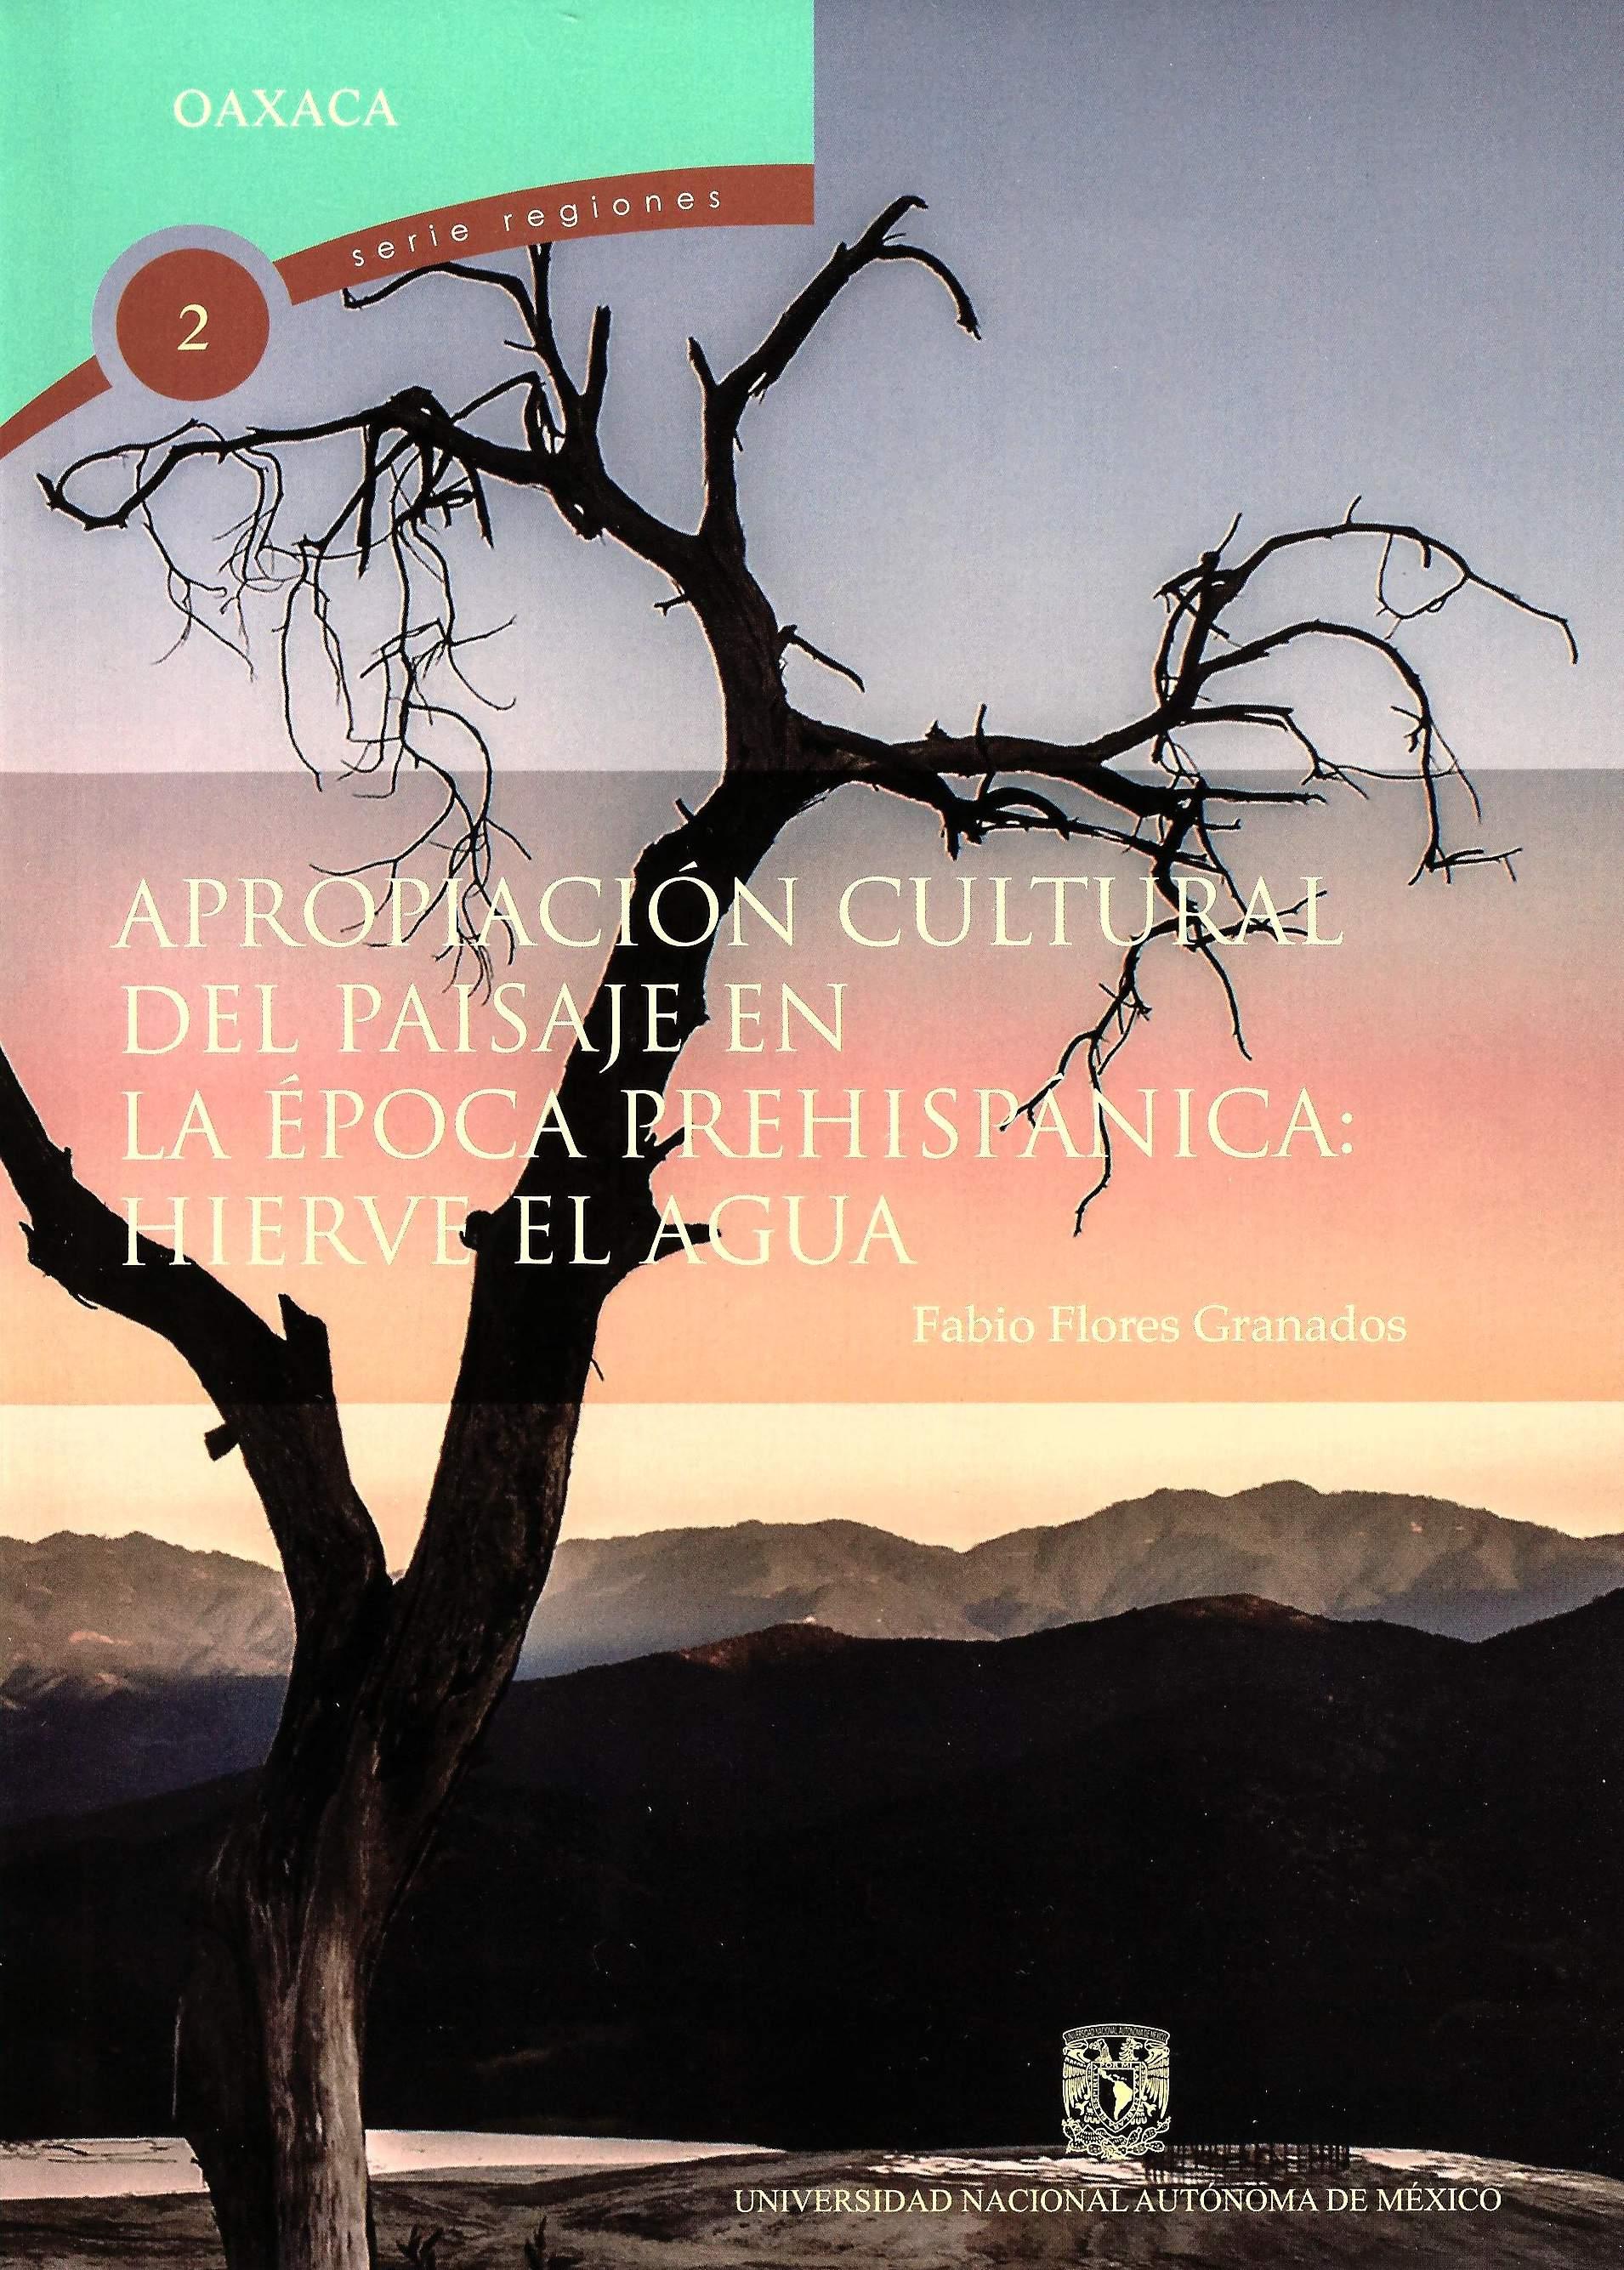 Apropiación cultural del paisaje en la época prehispánica: hierve el agua